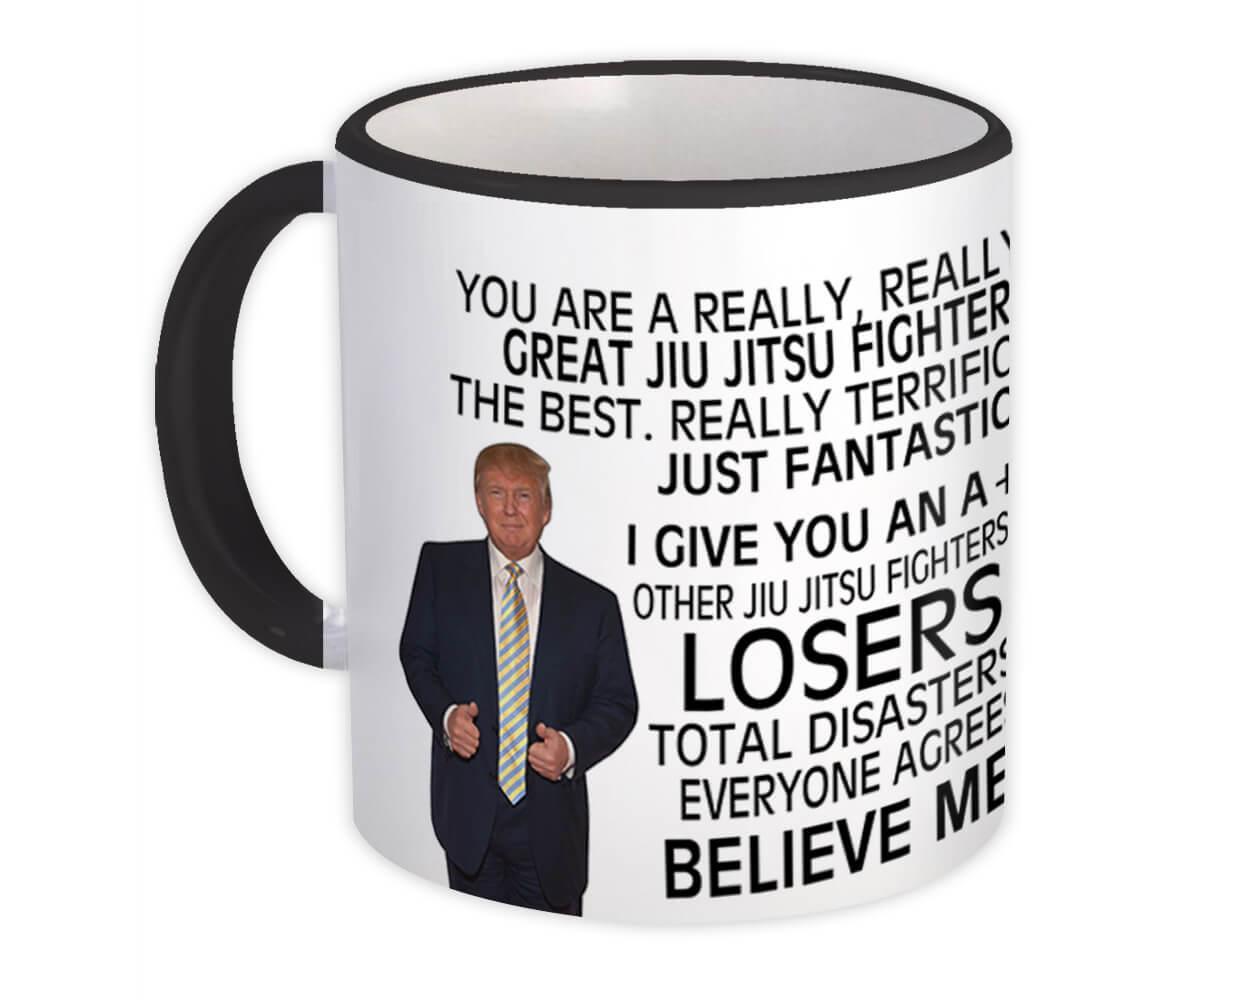 Gift for Jiu Jitsu Fighter : Gift Mug Donald Trump Great Jiu Jitsu Fighter Funny Christmas